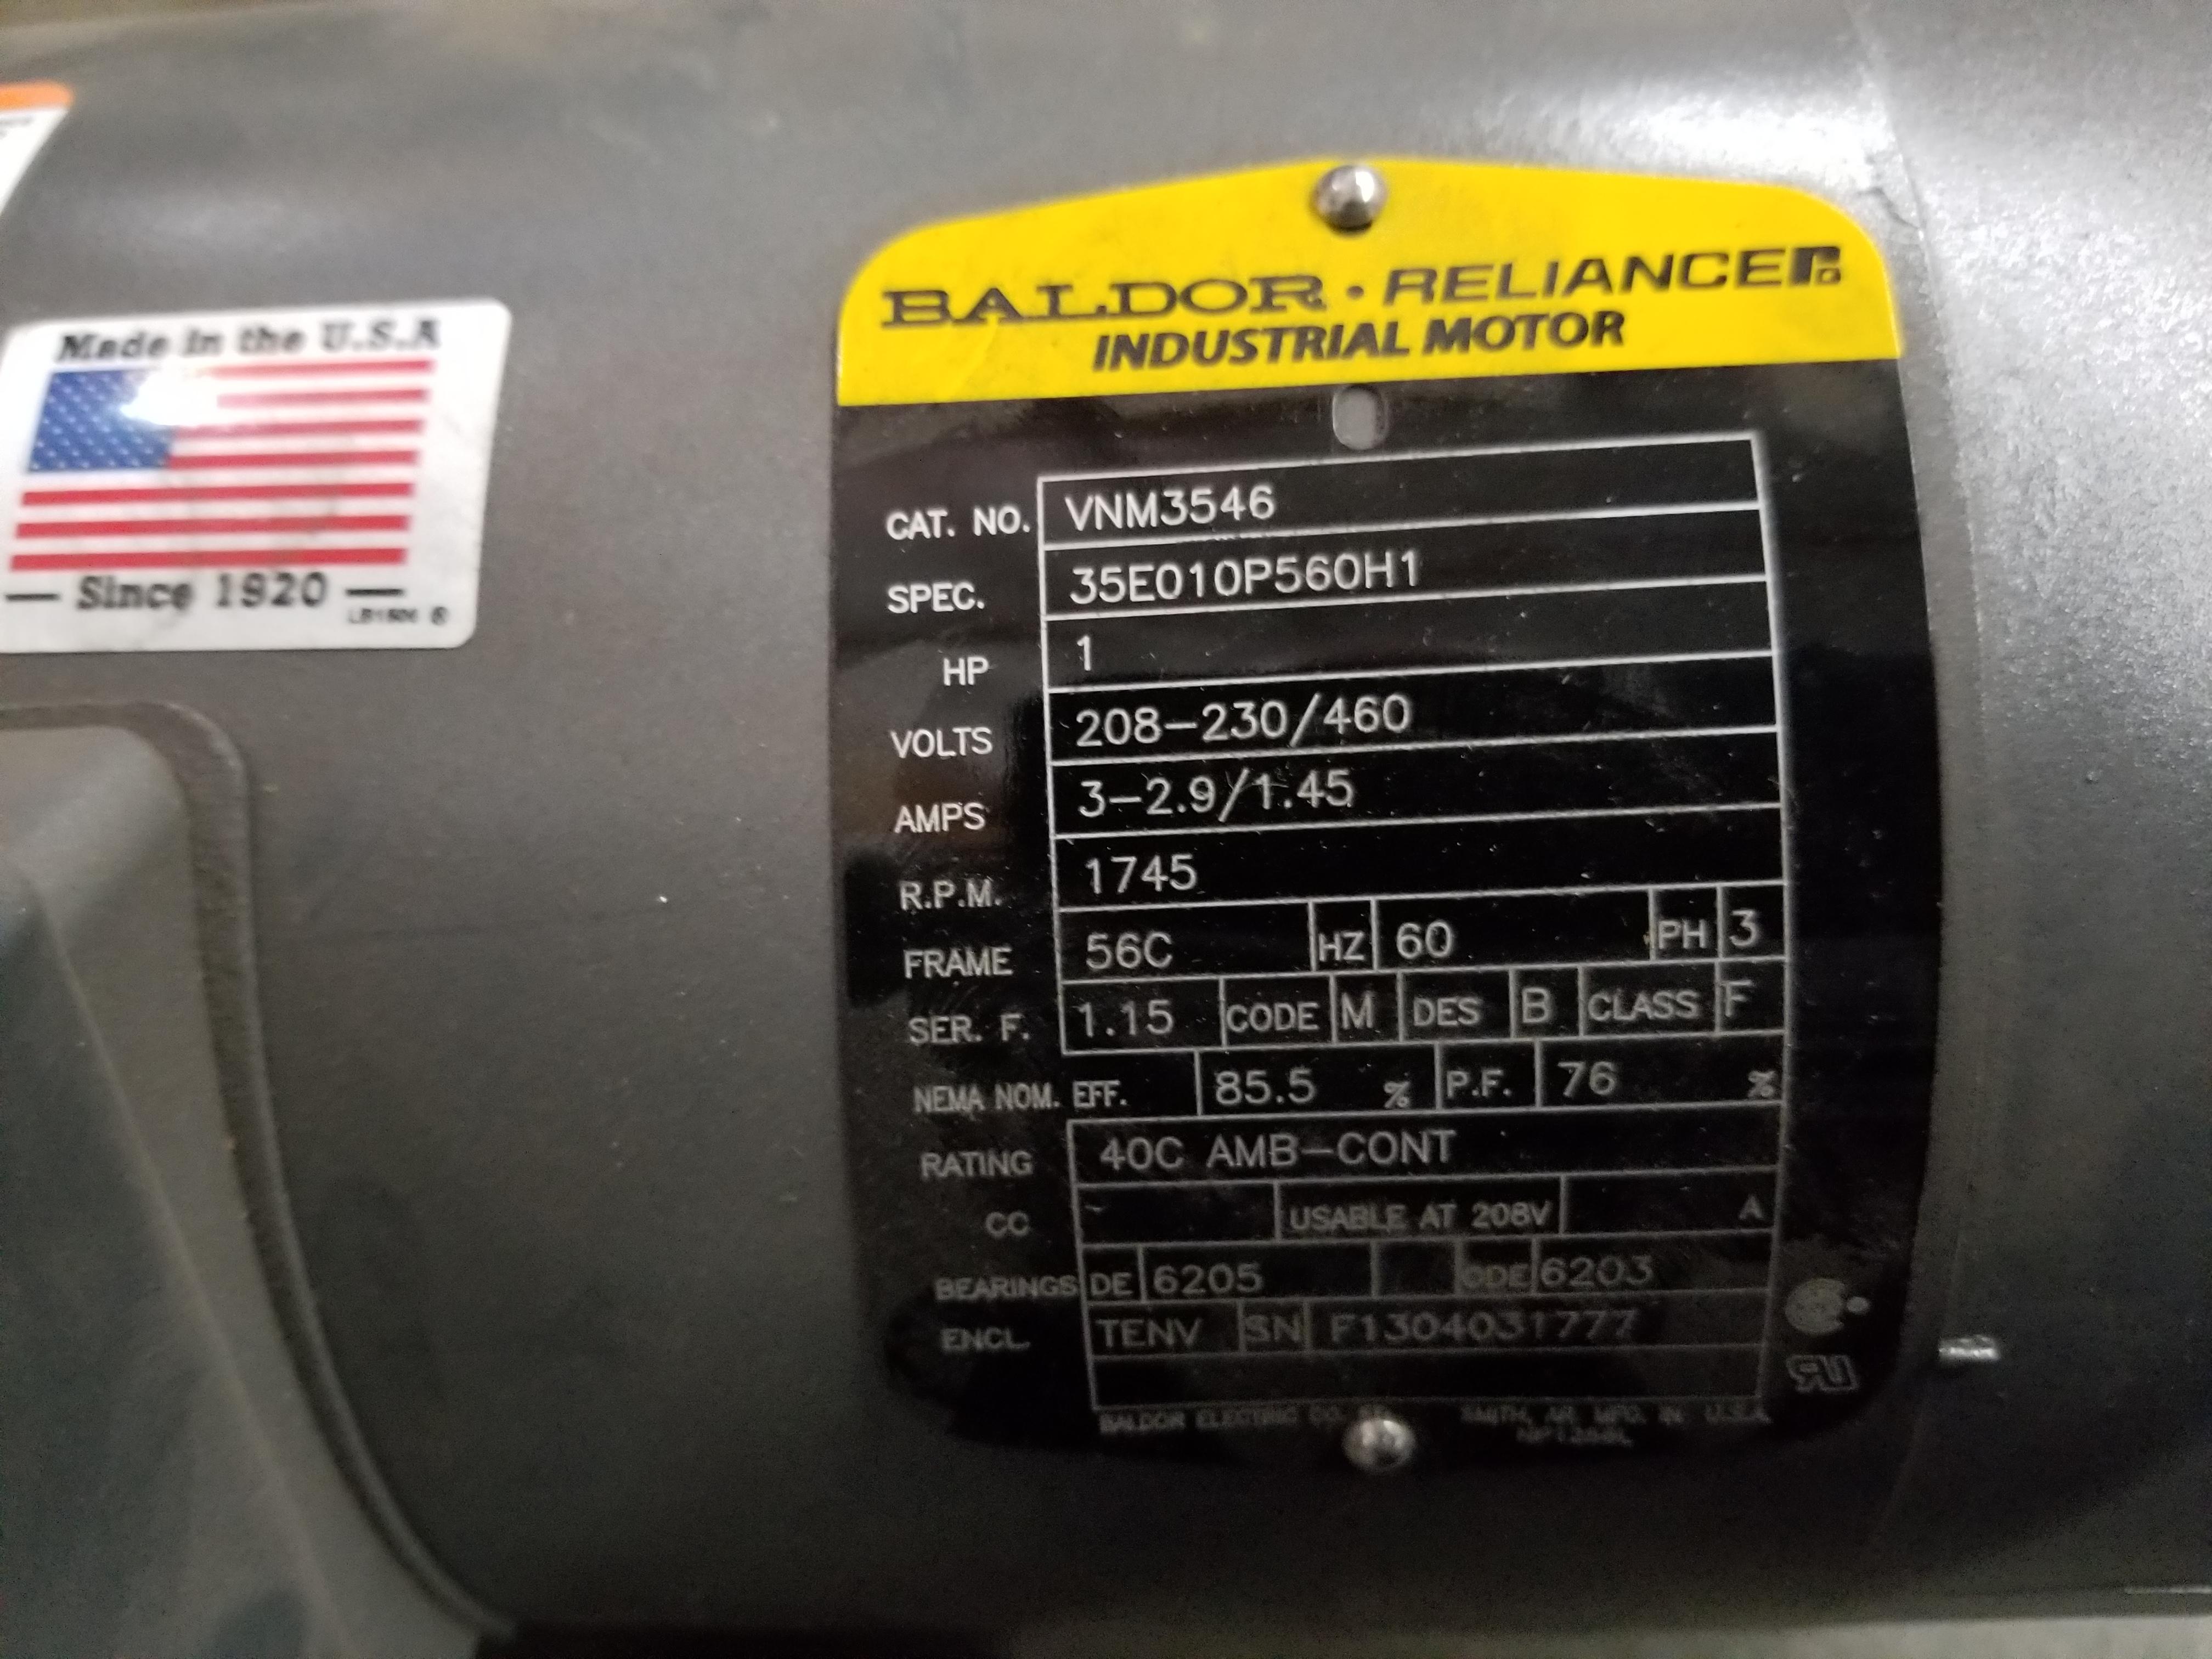 Lot 22 - BALDOR RELIANCE INDUSTRIAL MOTOR